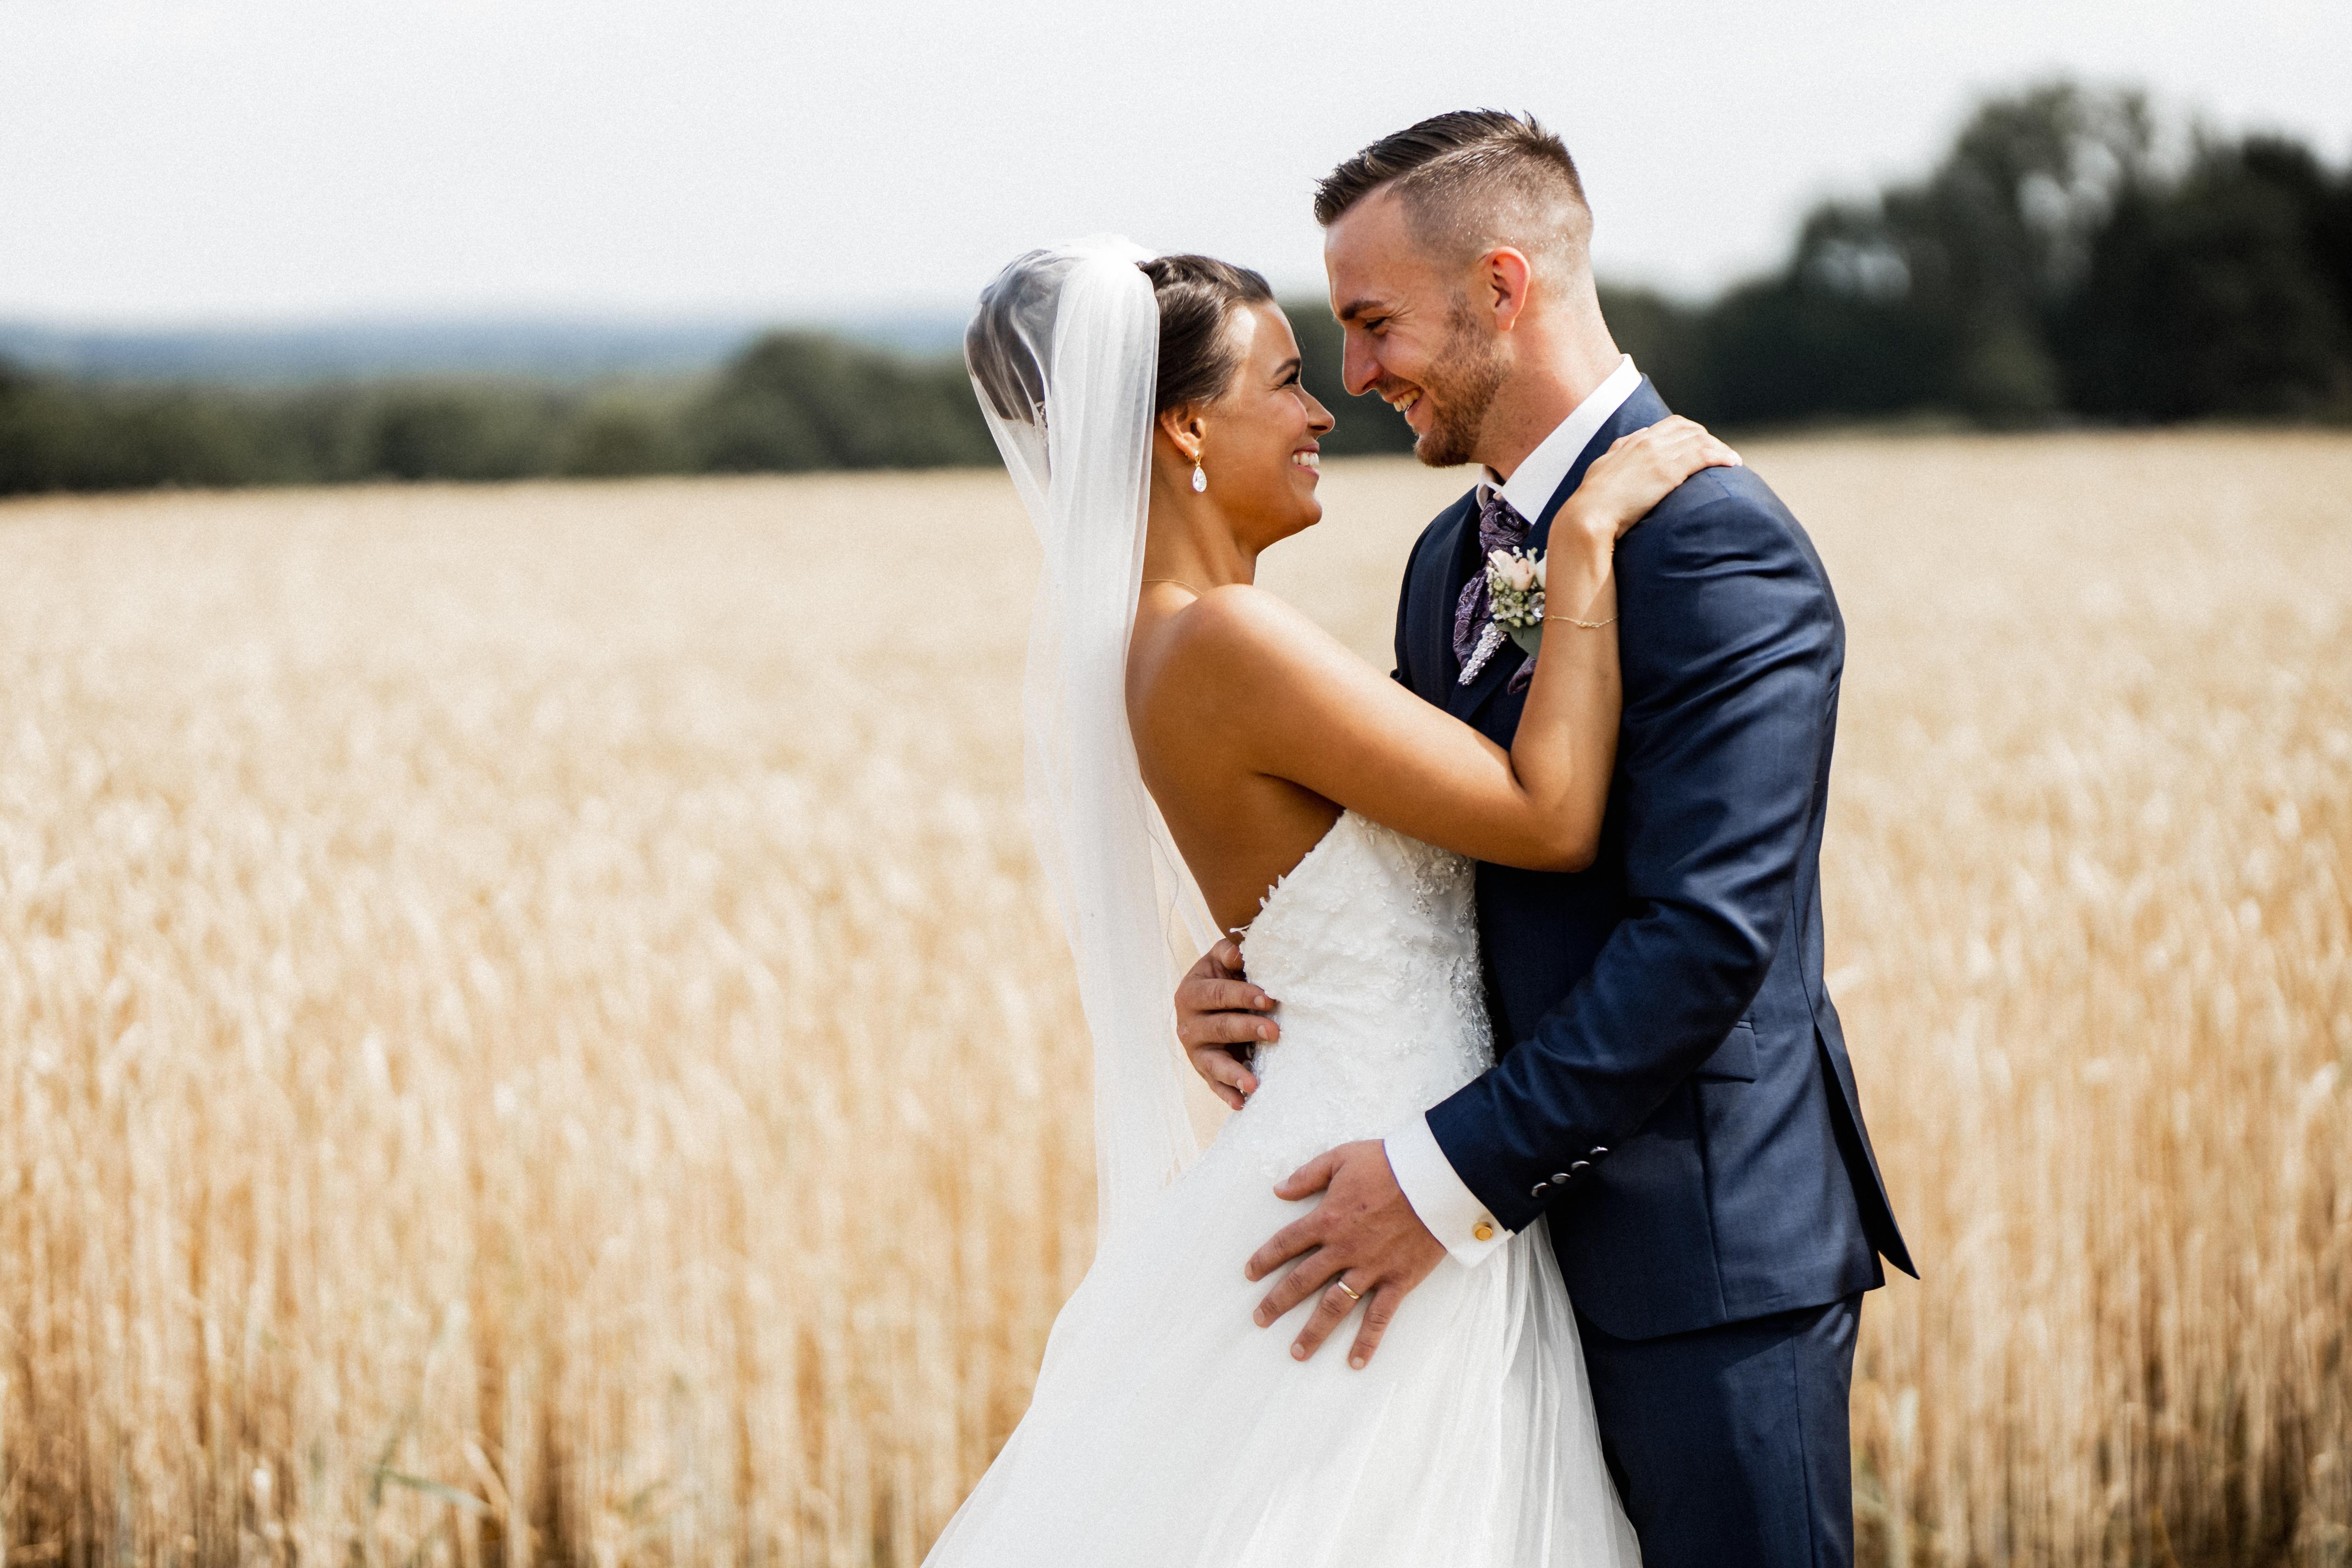 Hochzeitsfotograf Saarland - Fotograf Kai Kreutzer 4900121444 - Saarbrücken, Saarlouis, Luxemburg